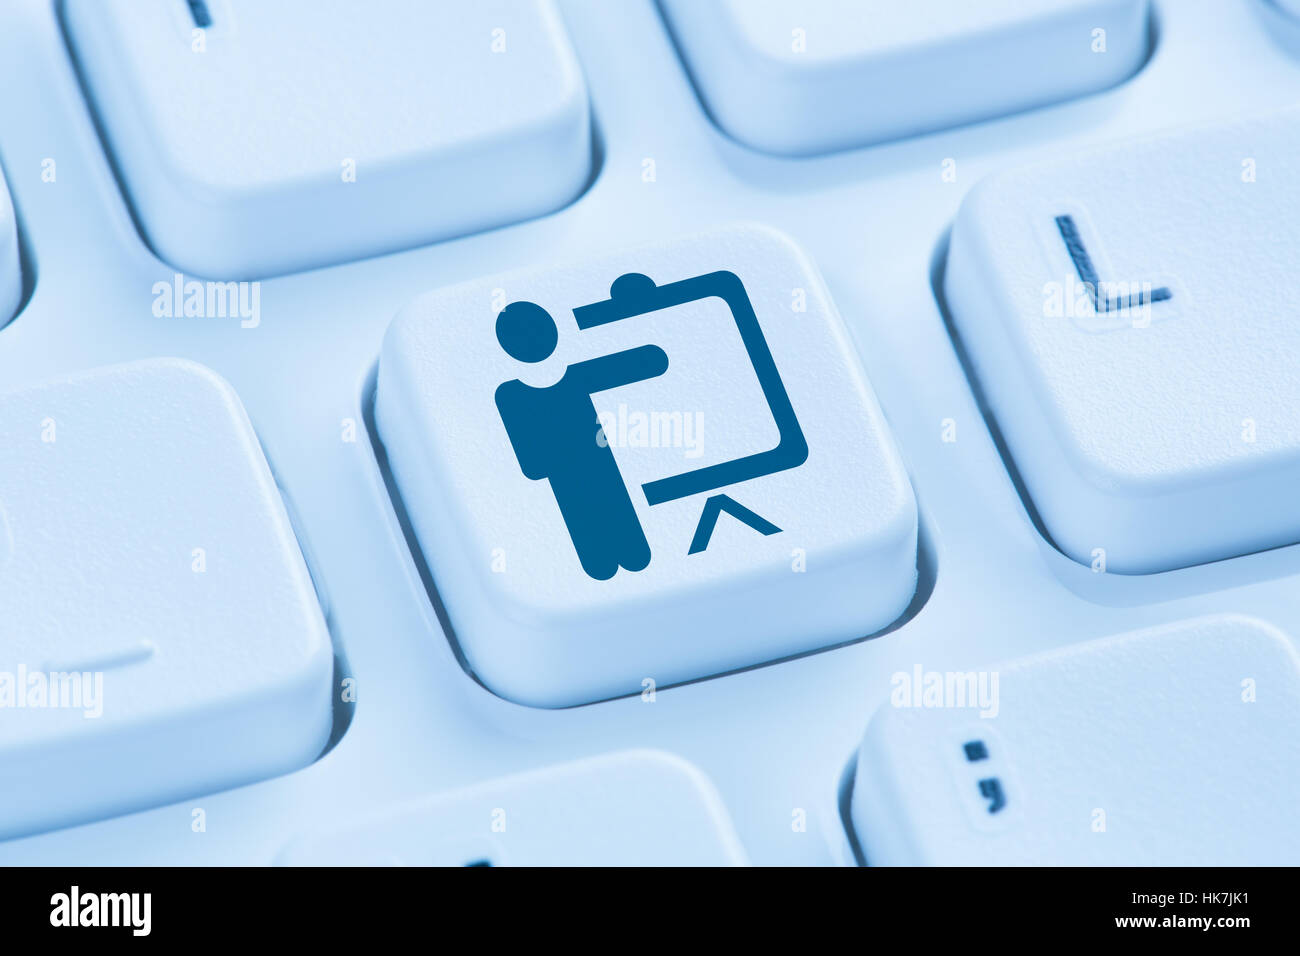 Formazione istruzione apprendimento workshop sulla formazione online internet blu simbolo della tastiera del computer Immagini Stock